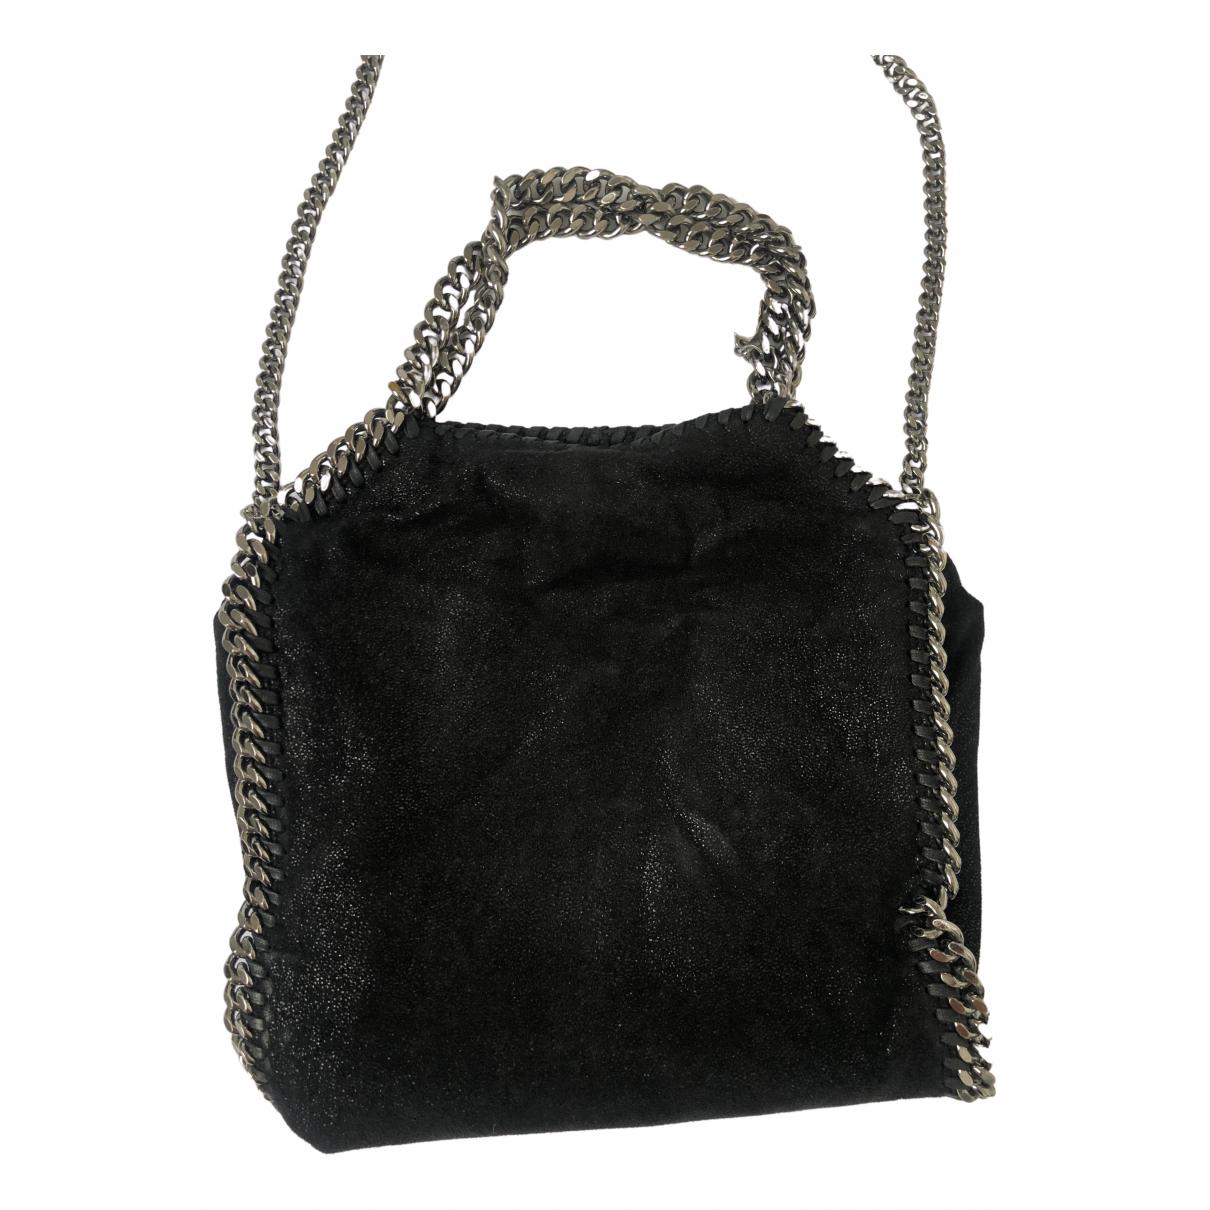 Stella Mccartney N Black Cloth handbag for Women N